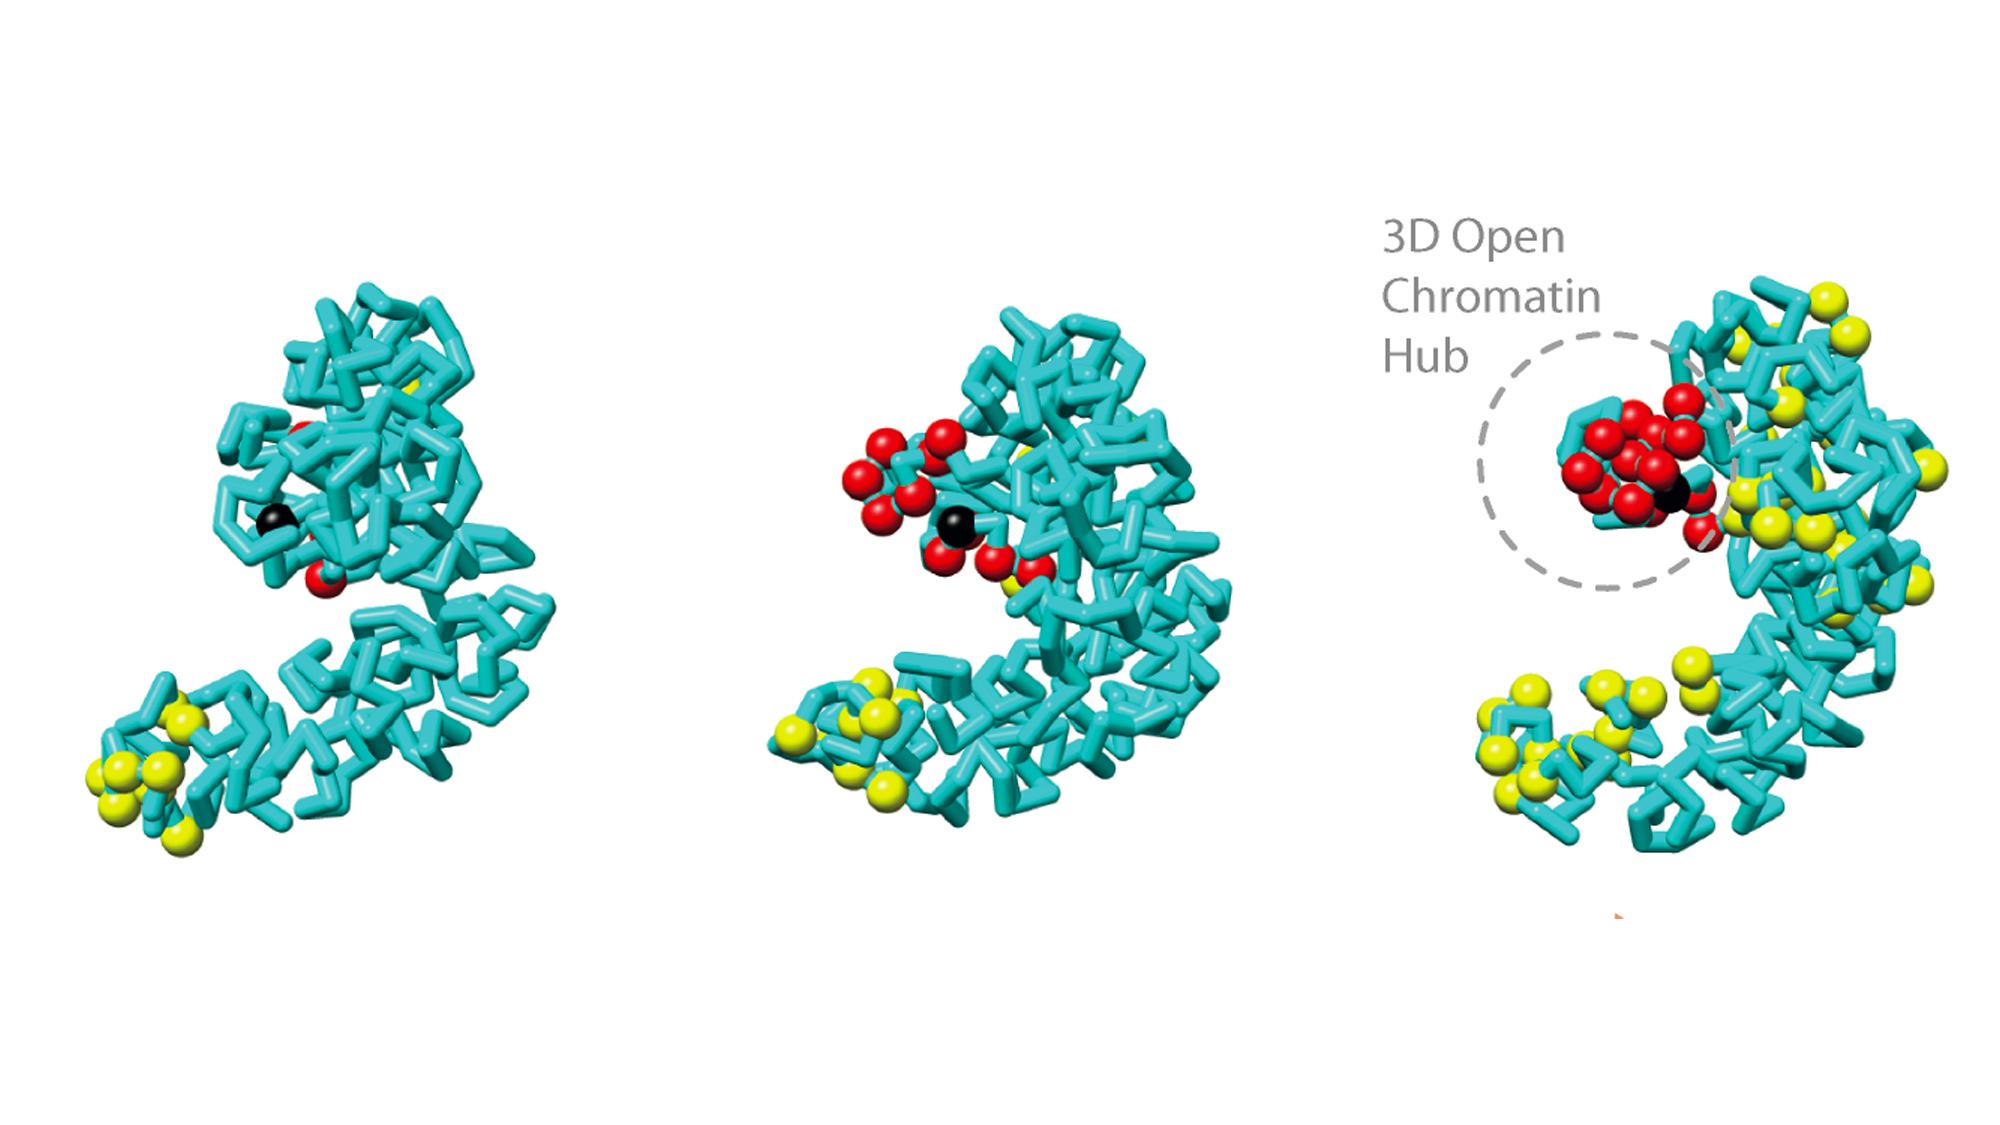 La manera en la que los cromosomas ocupan el espacio tridimensional es crucial para regular la función del genoma, así como los procesos esenciales para la vida, tales como la replicación del ADN, la transcripción y la reparación del ADN dañado.